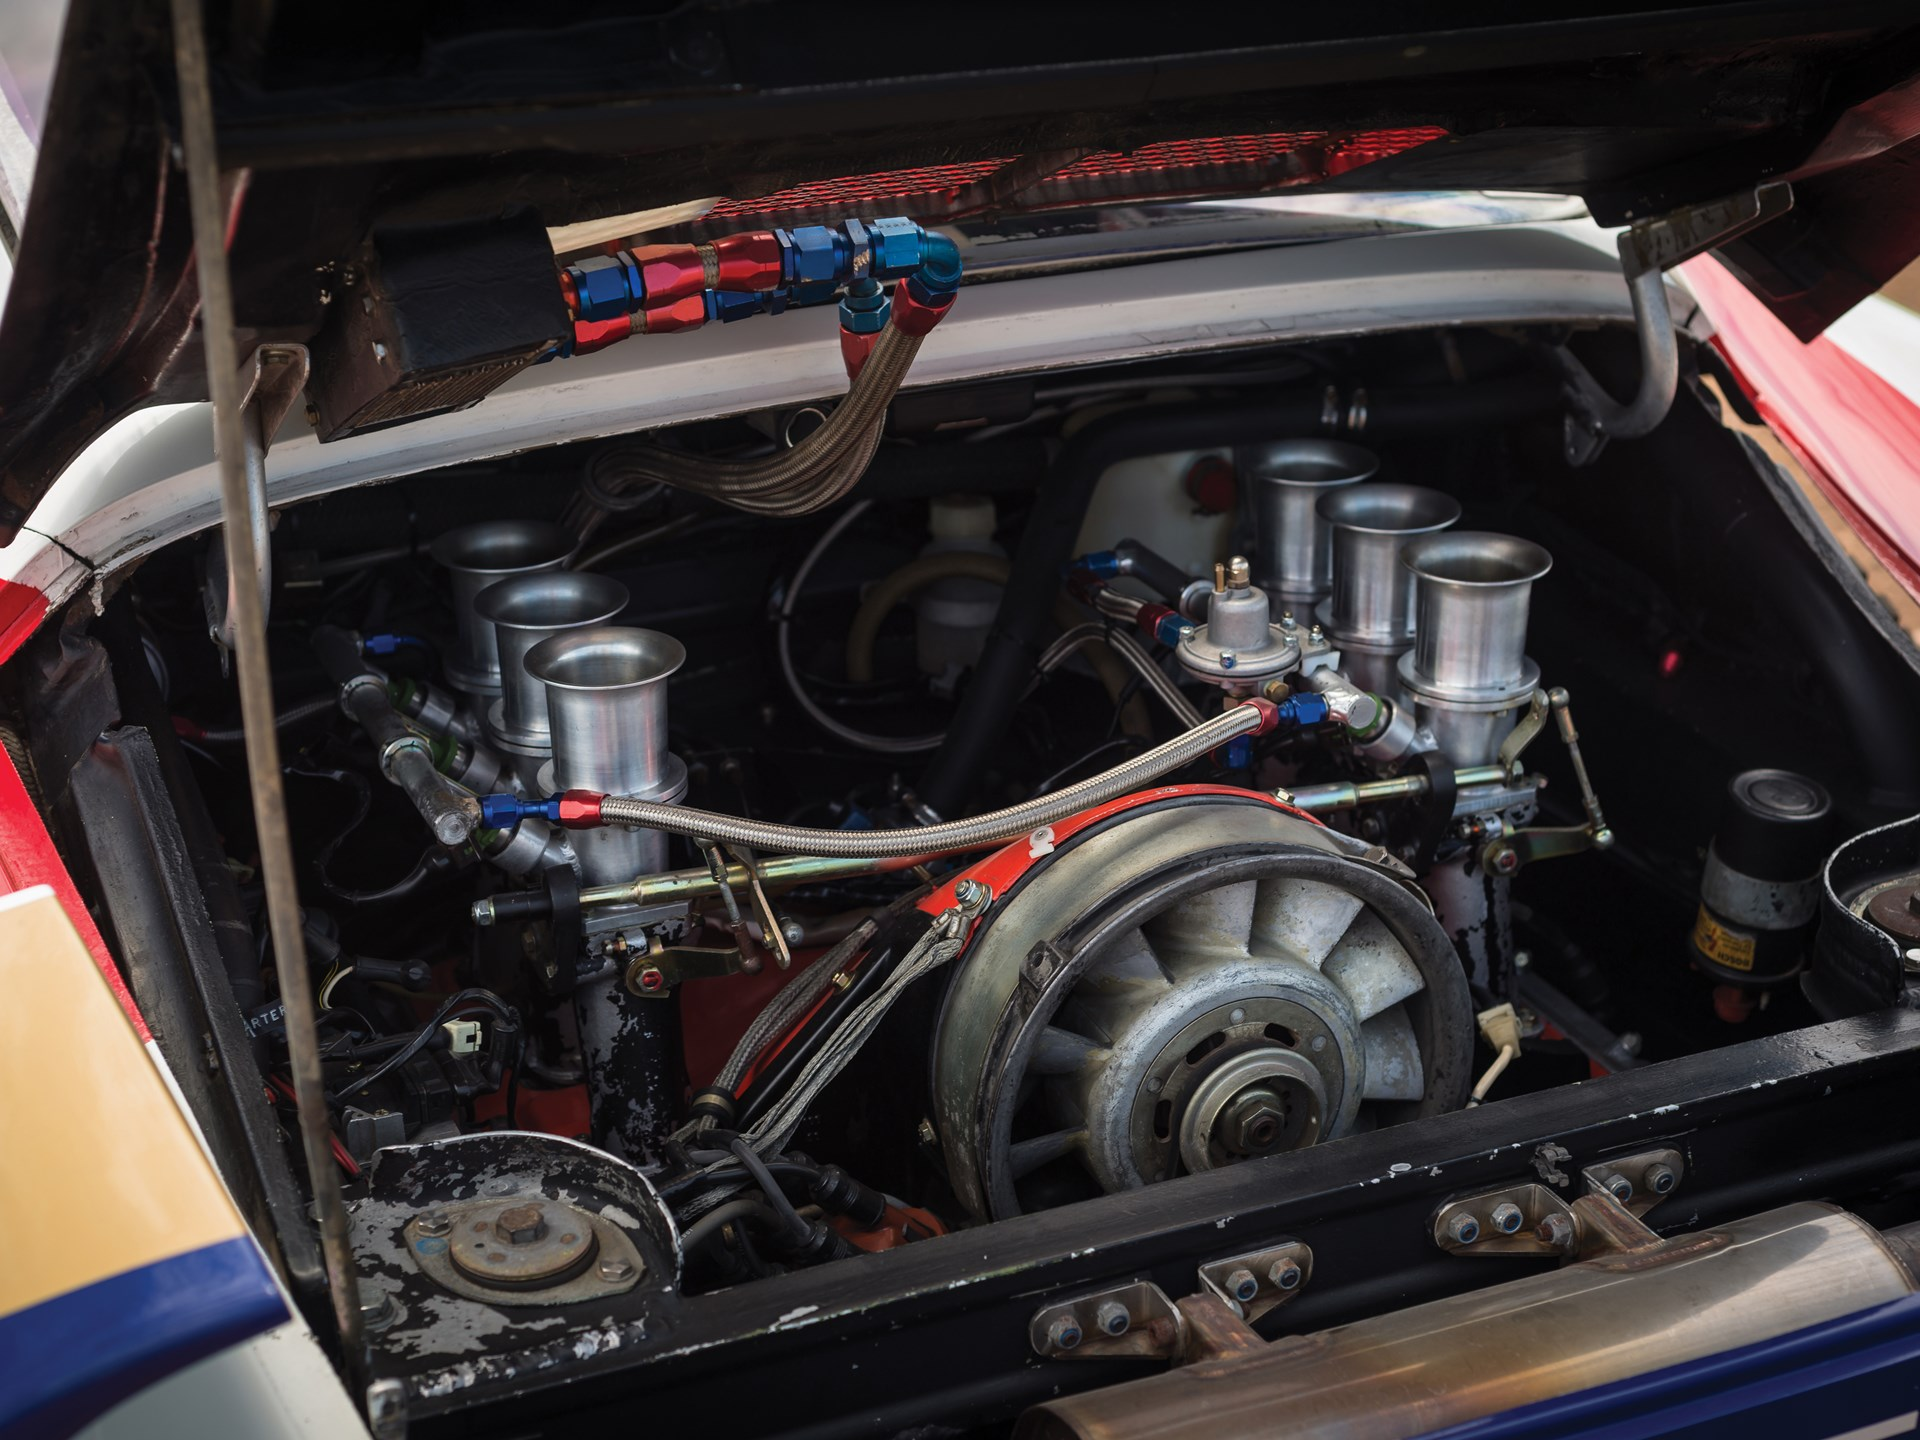 1985 Porsche 959 Paris-Dakar engine